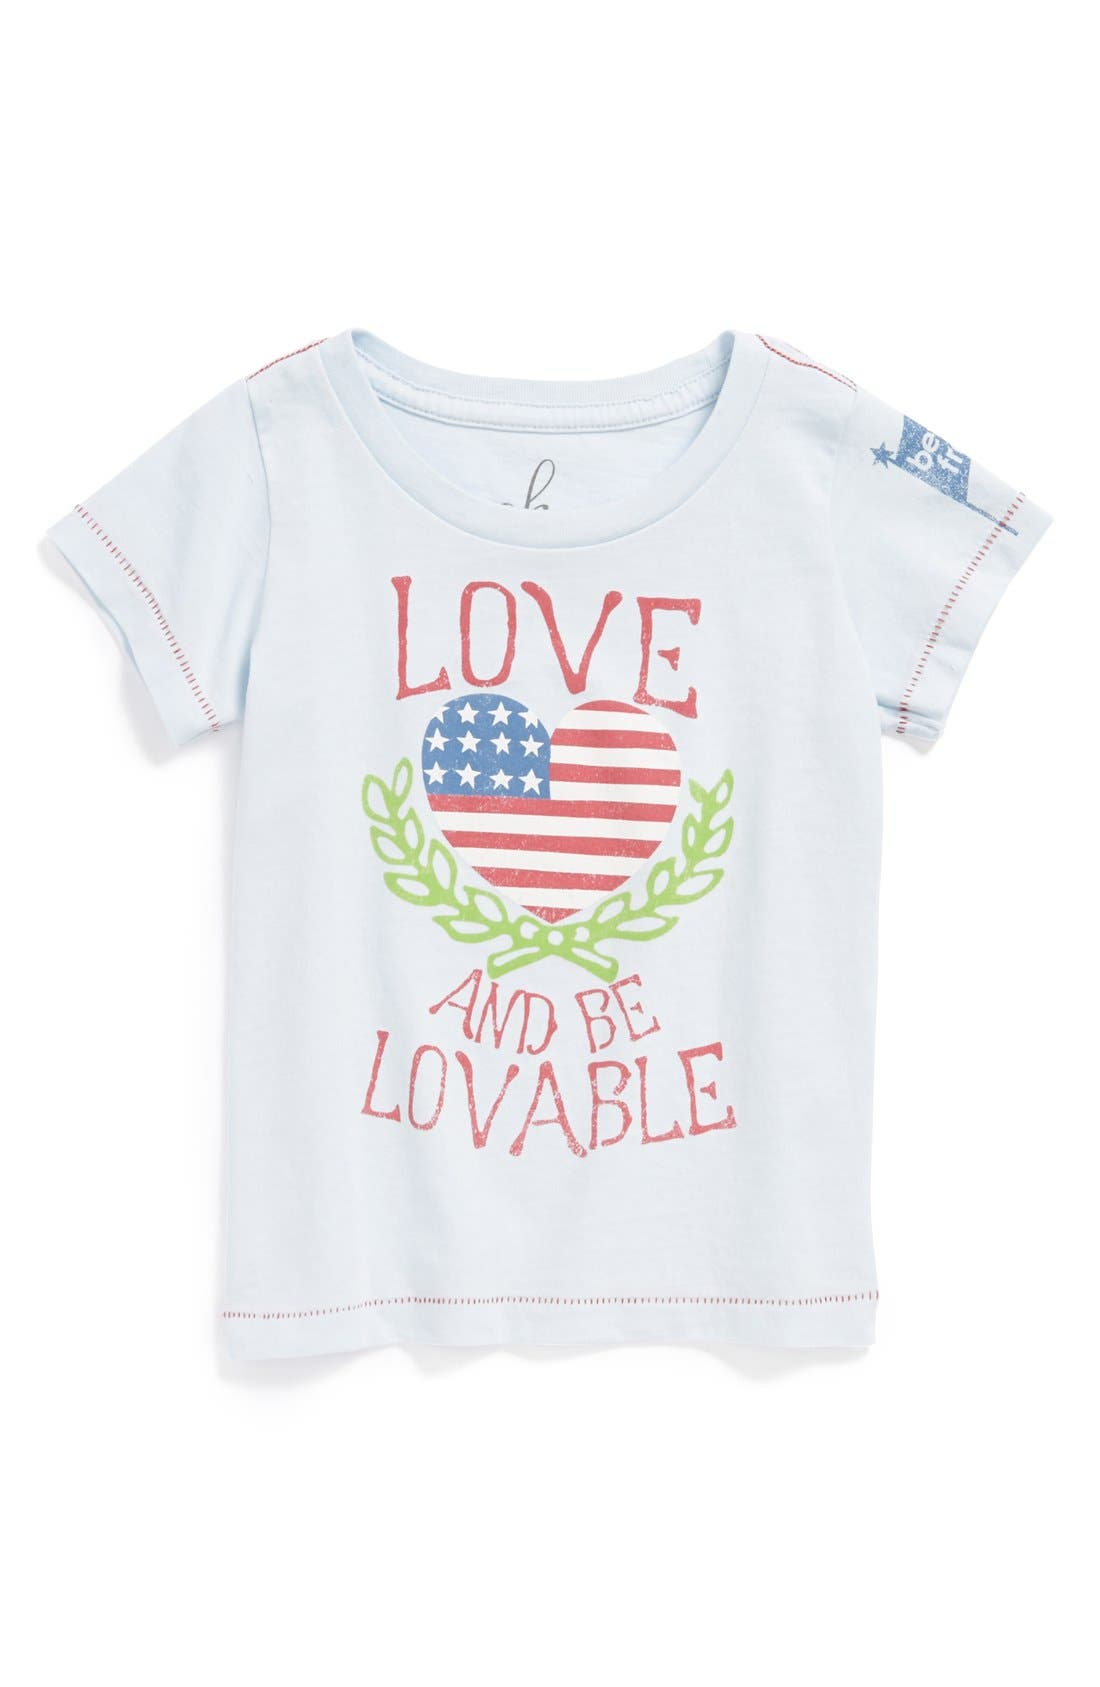 Alternate Image 1 Selected - Peek 'Love & Be Loveable' Tee (Baby Girls)